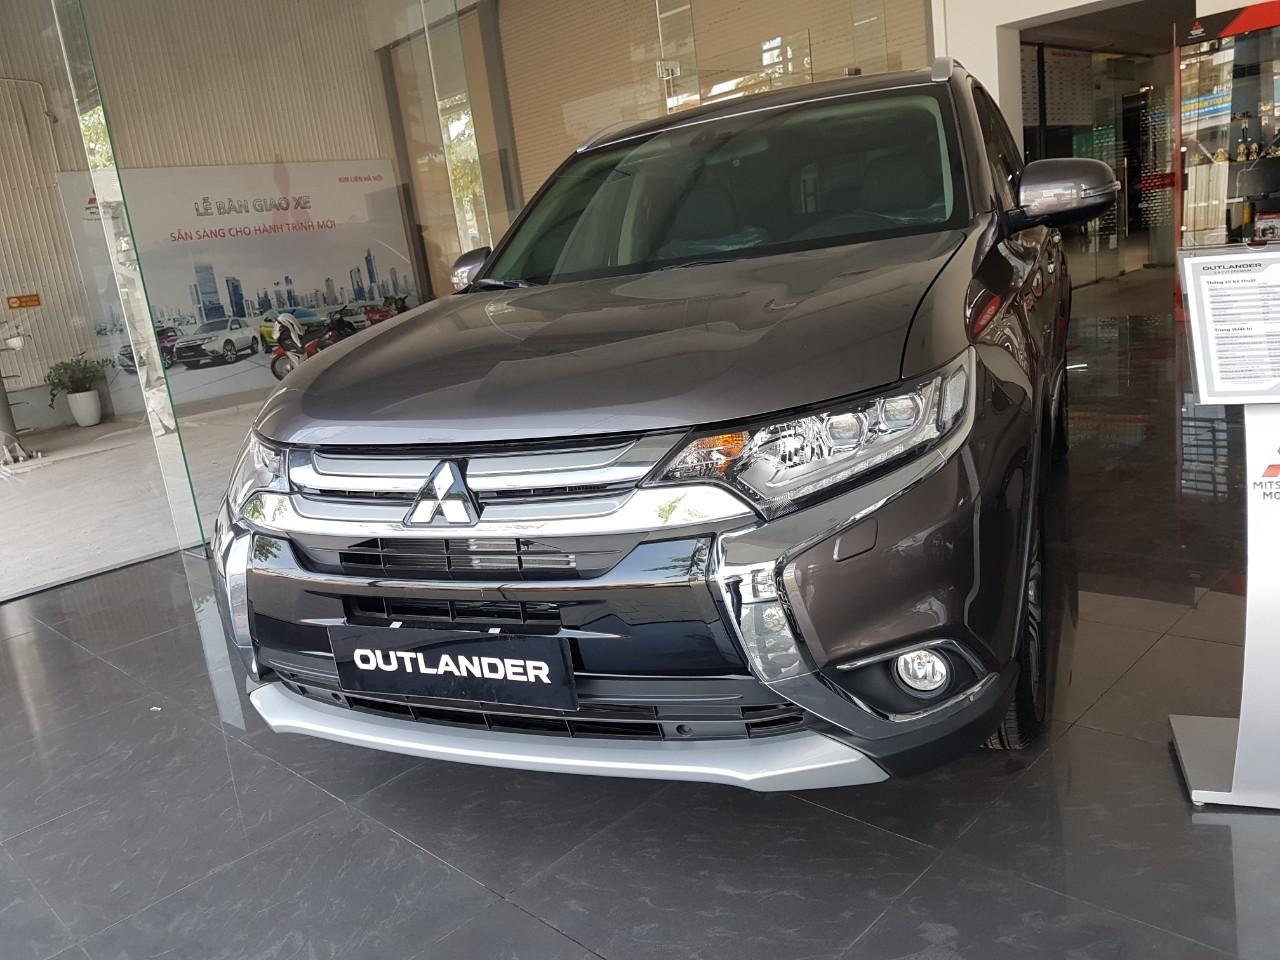 Bán Mitsubishi Outlander 2019 khuyến mại giá sốc, hỗ trợ trả góp 85%